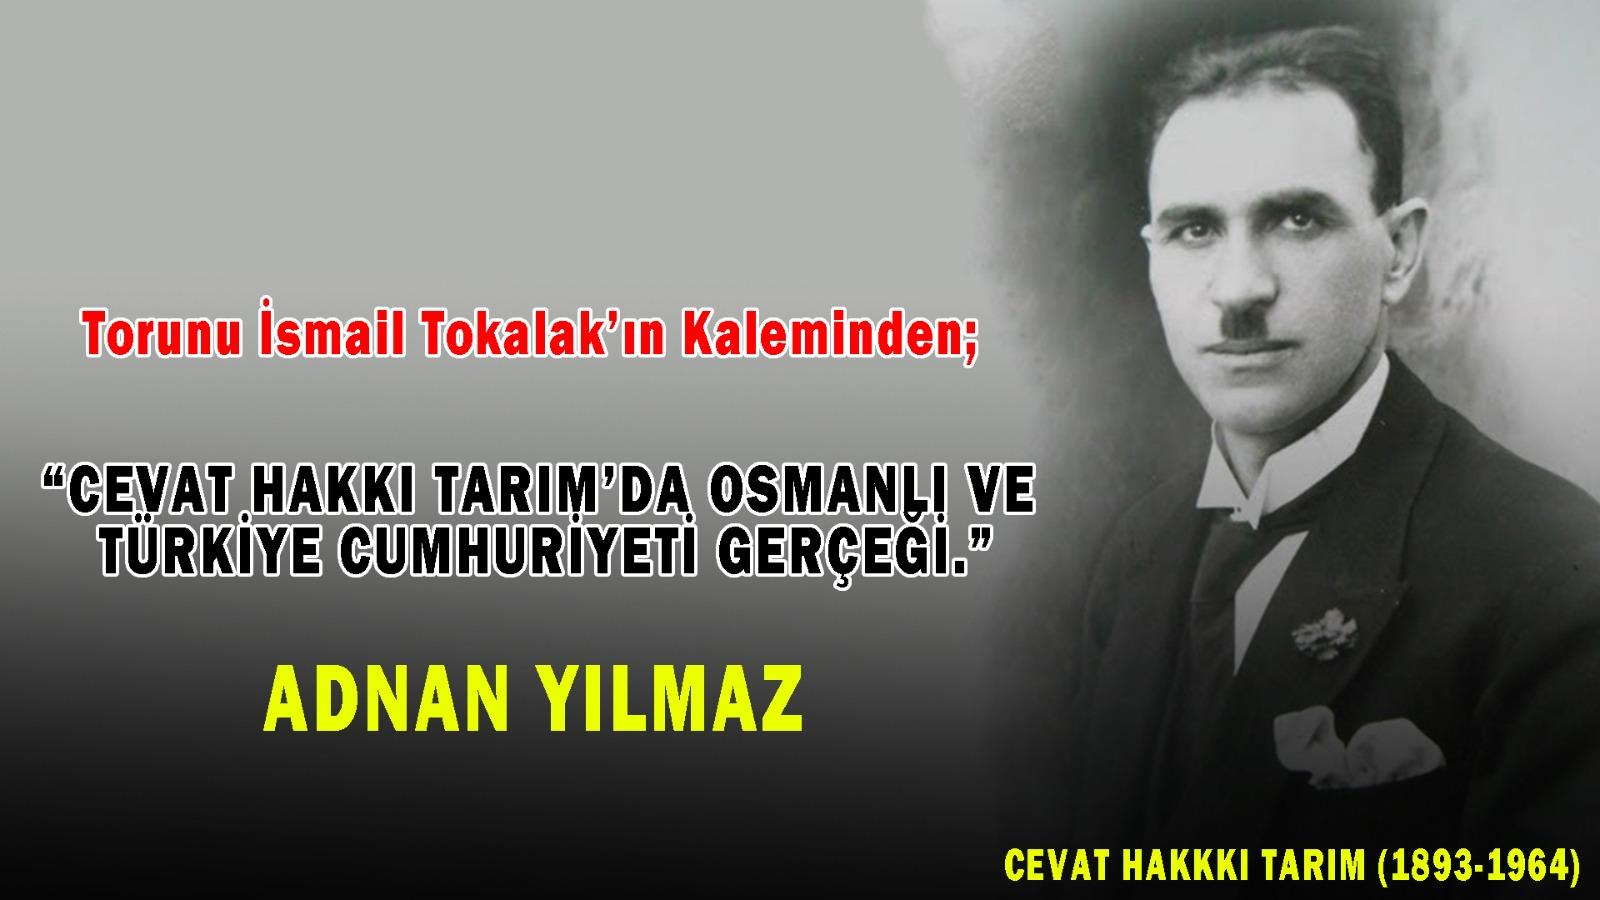 """Torunu İsmail Tokalak'ın Kaleminden;  """"CEVAT HAKKI TARIM'DA OSMANLI VE TÜRKİYE CUMHURİYETİ GERÇEĞİ."""""""